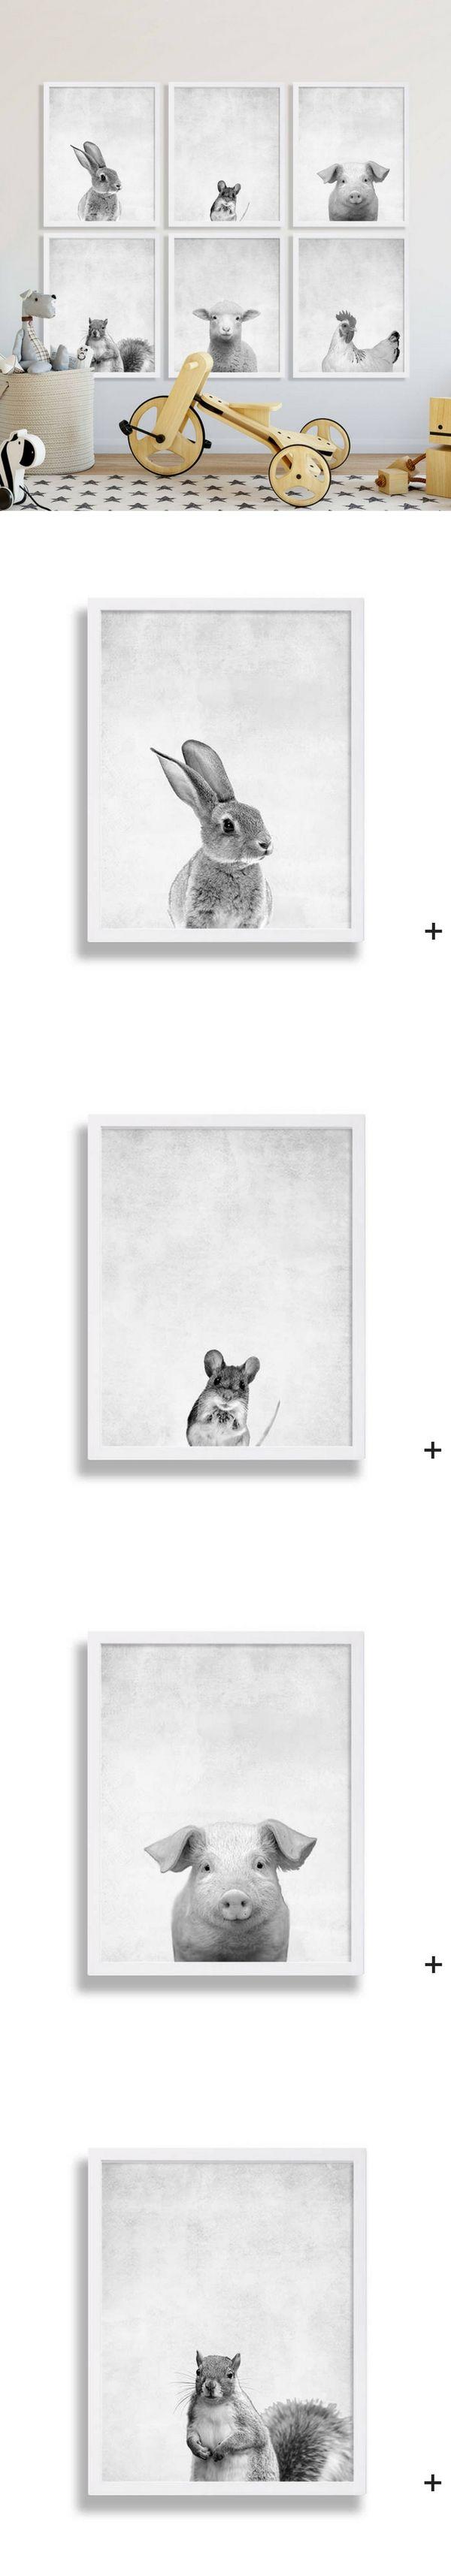 """Affiches """"animaux"""" en noir et blanc pour la décoration de la chambre des bébés, vu sur Etsy"""